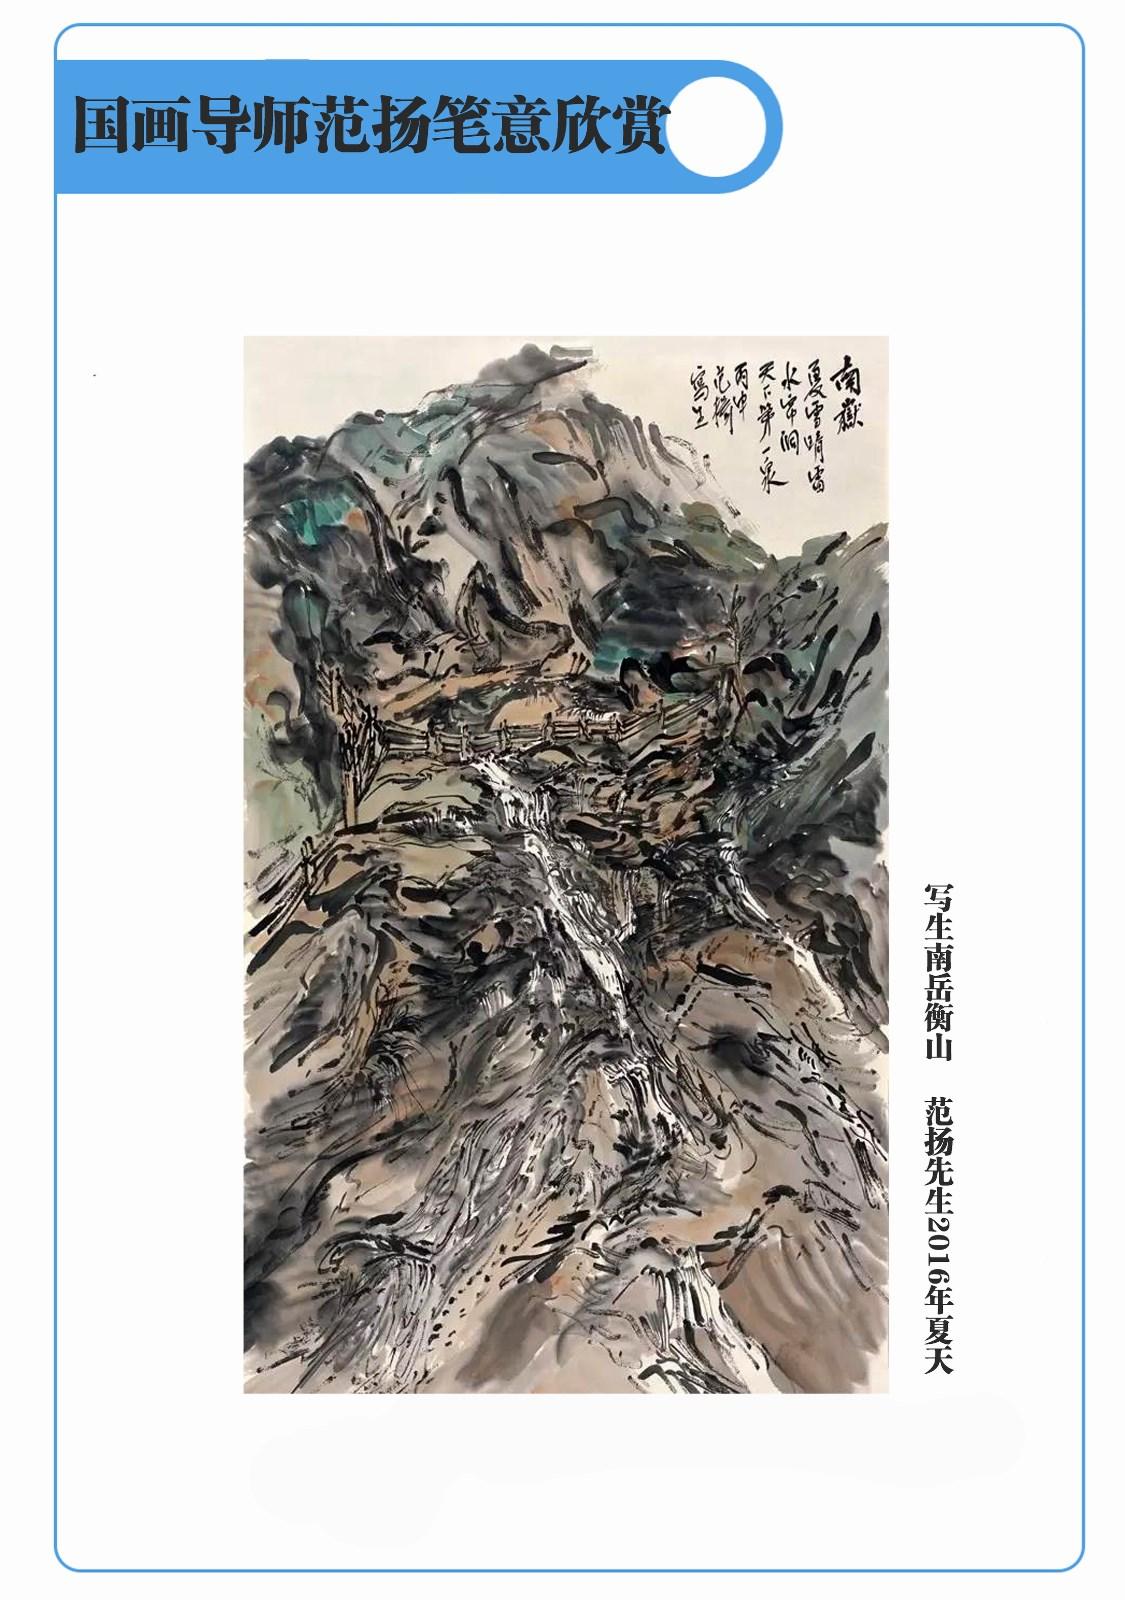 中国画名家笔墨欣赏(二)_图1-3